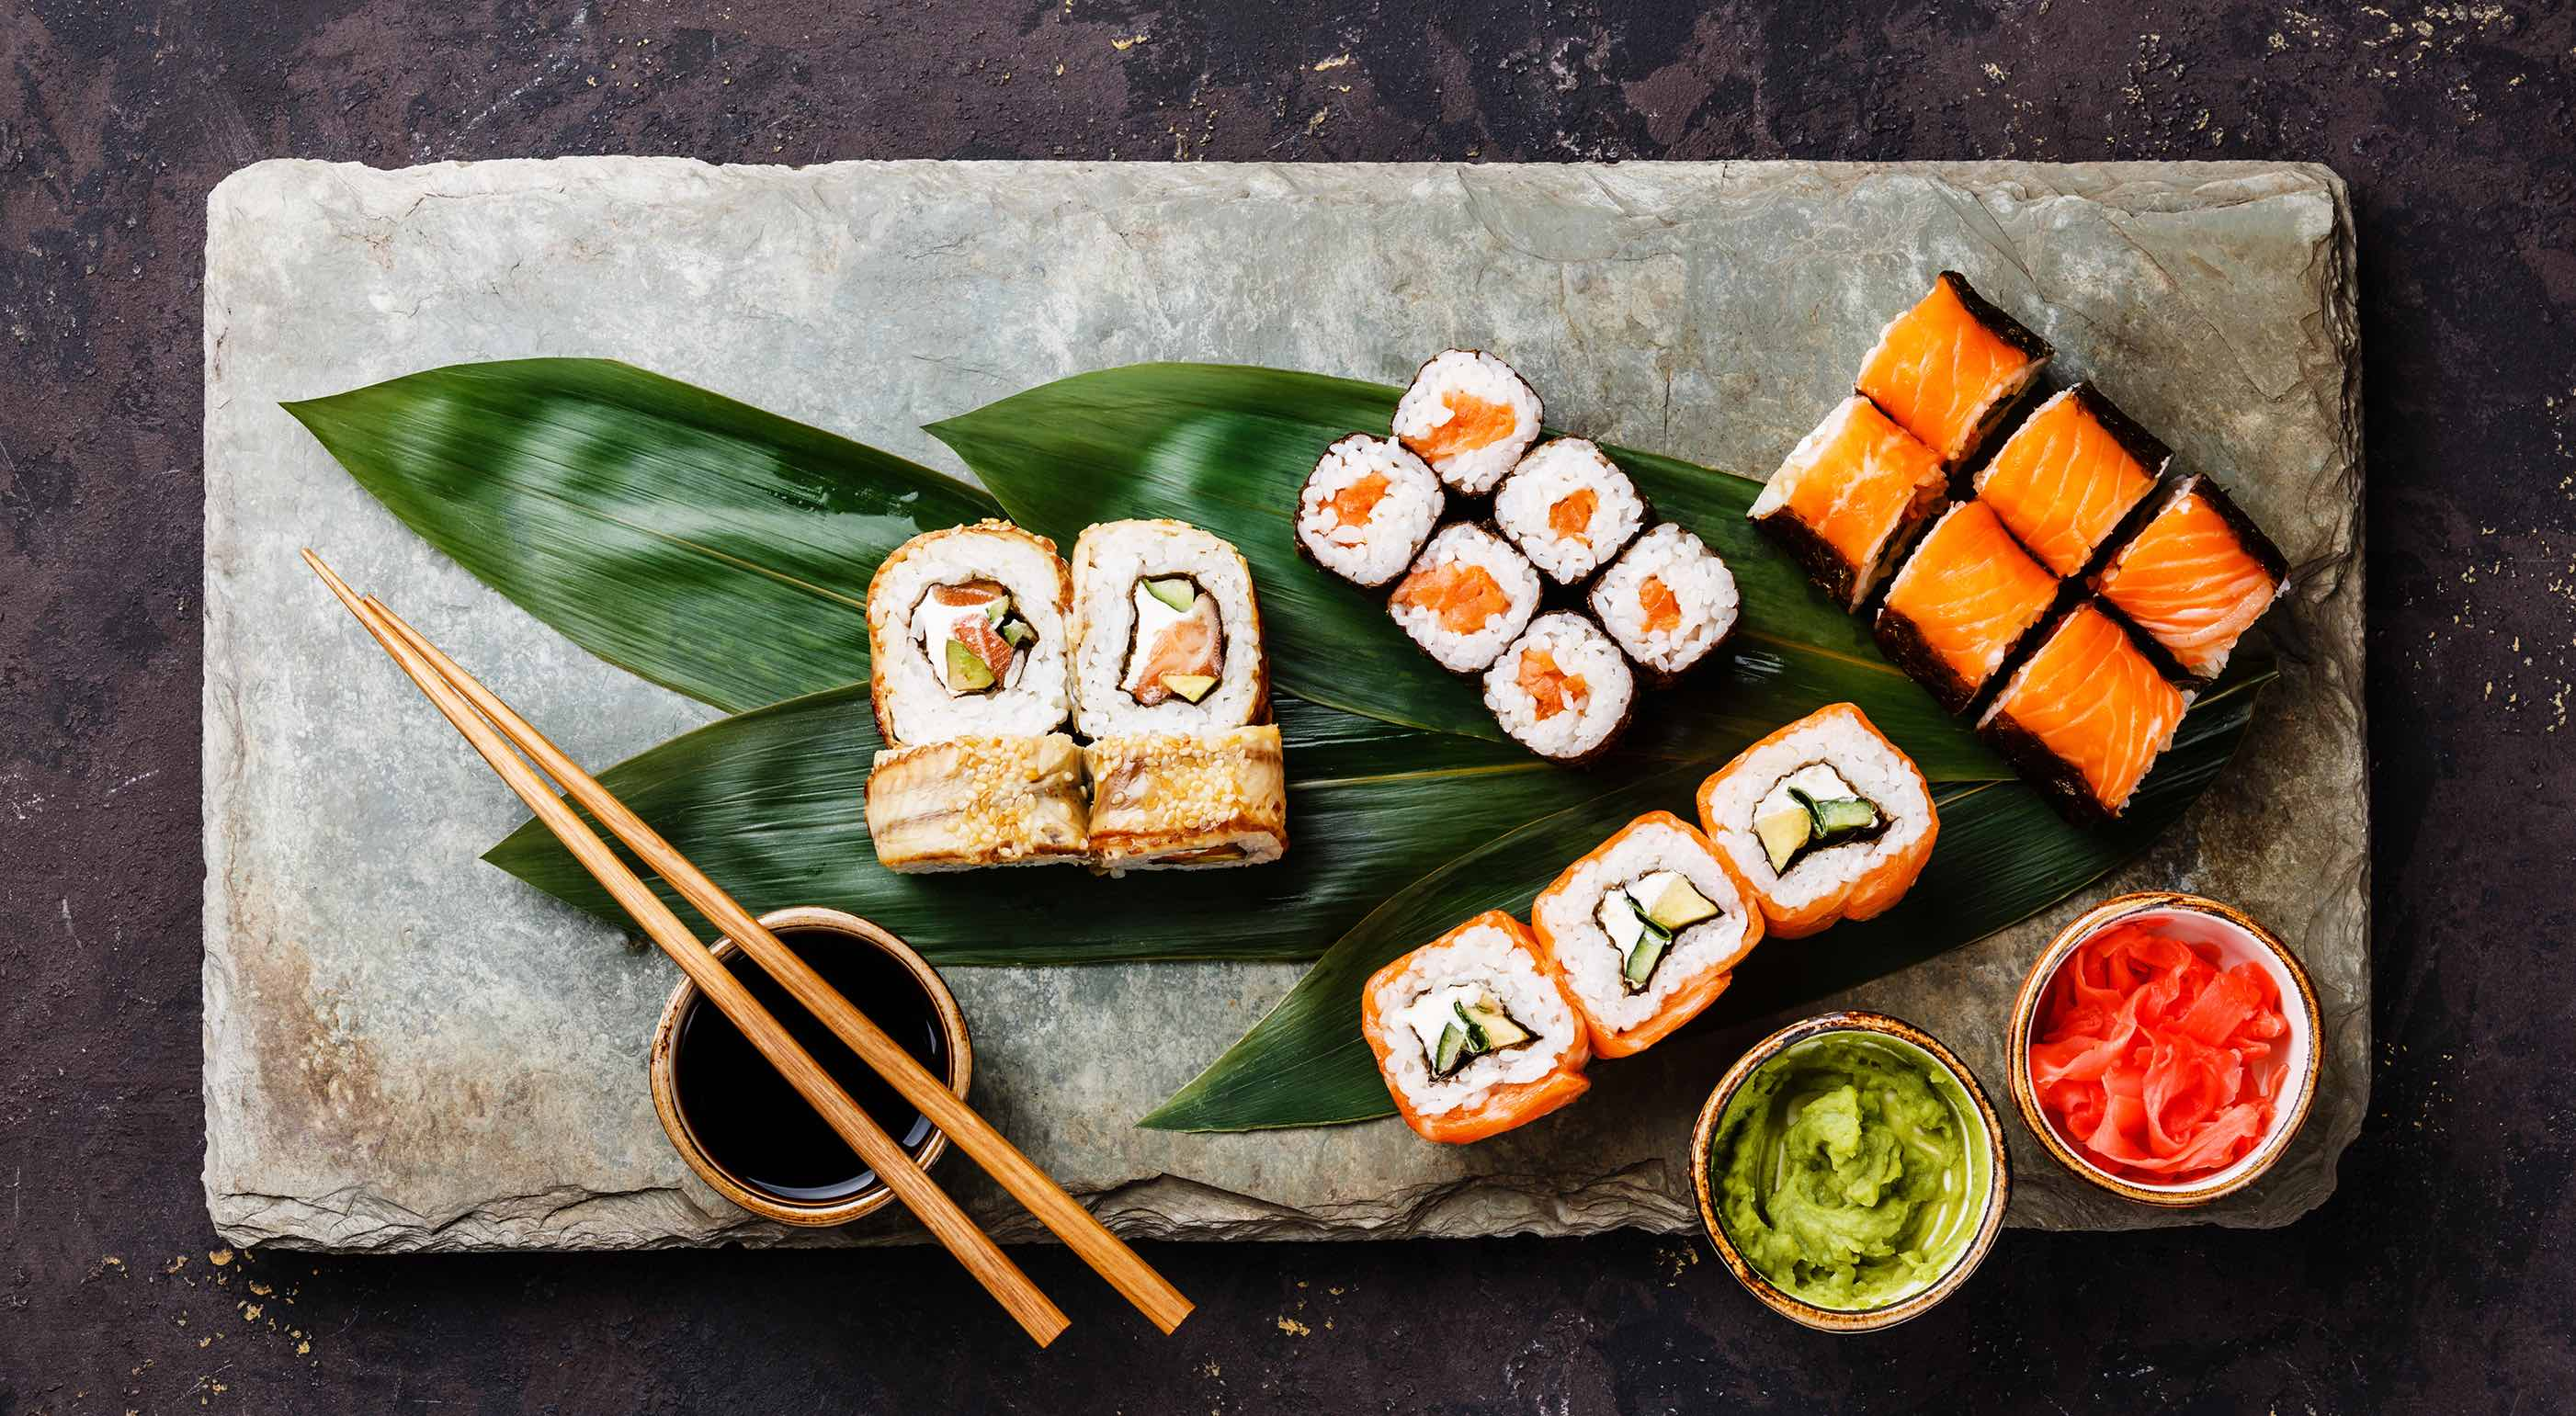 Sushi angerichtet auf einer Steinplatte mit Essstäbchen, Blättern und Schälchen mit Sojasauce, Wasabi und eingelegtem Ingwer.